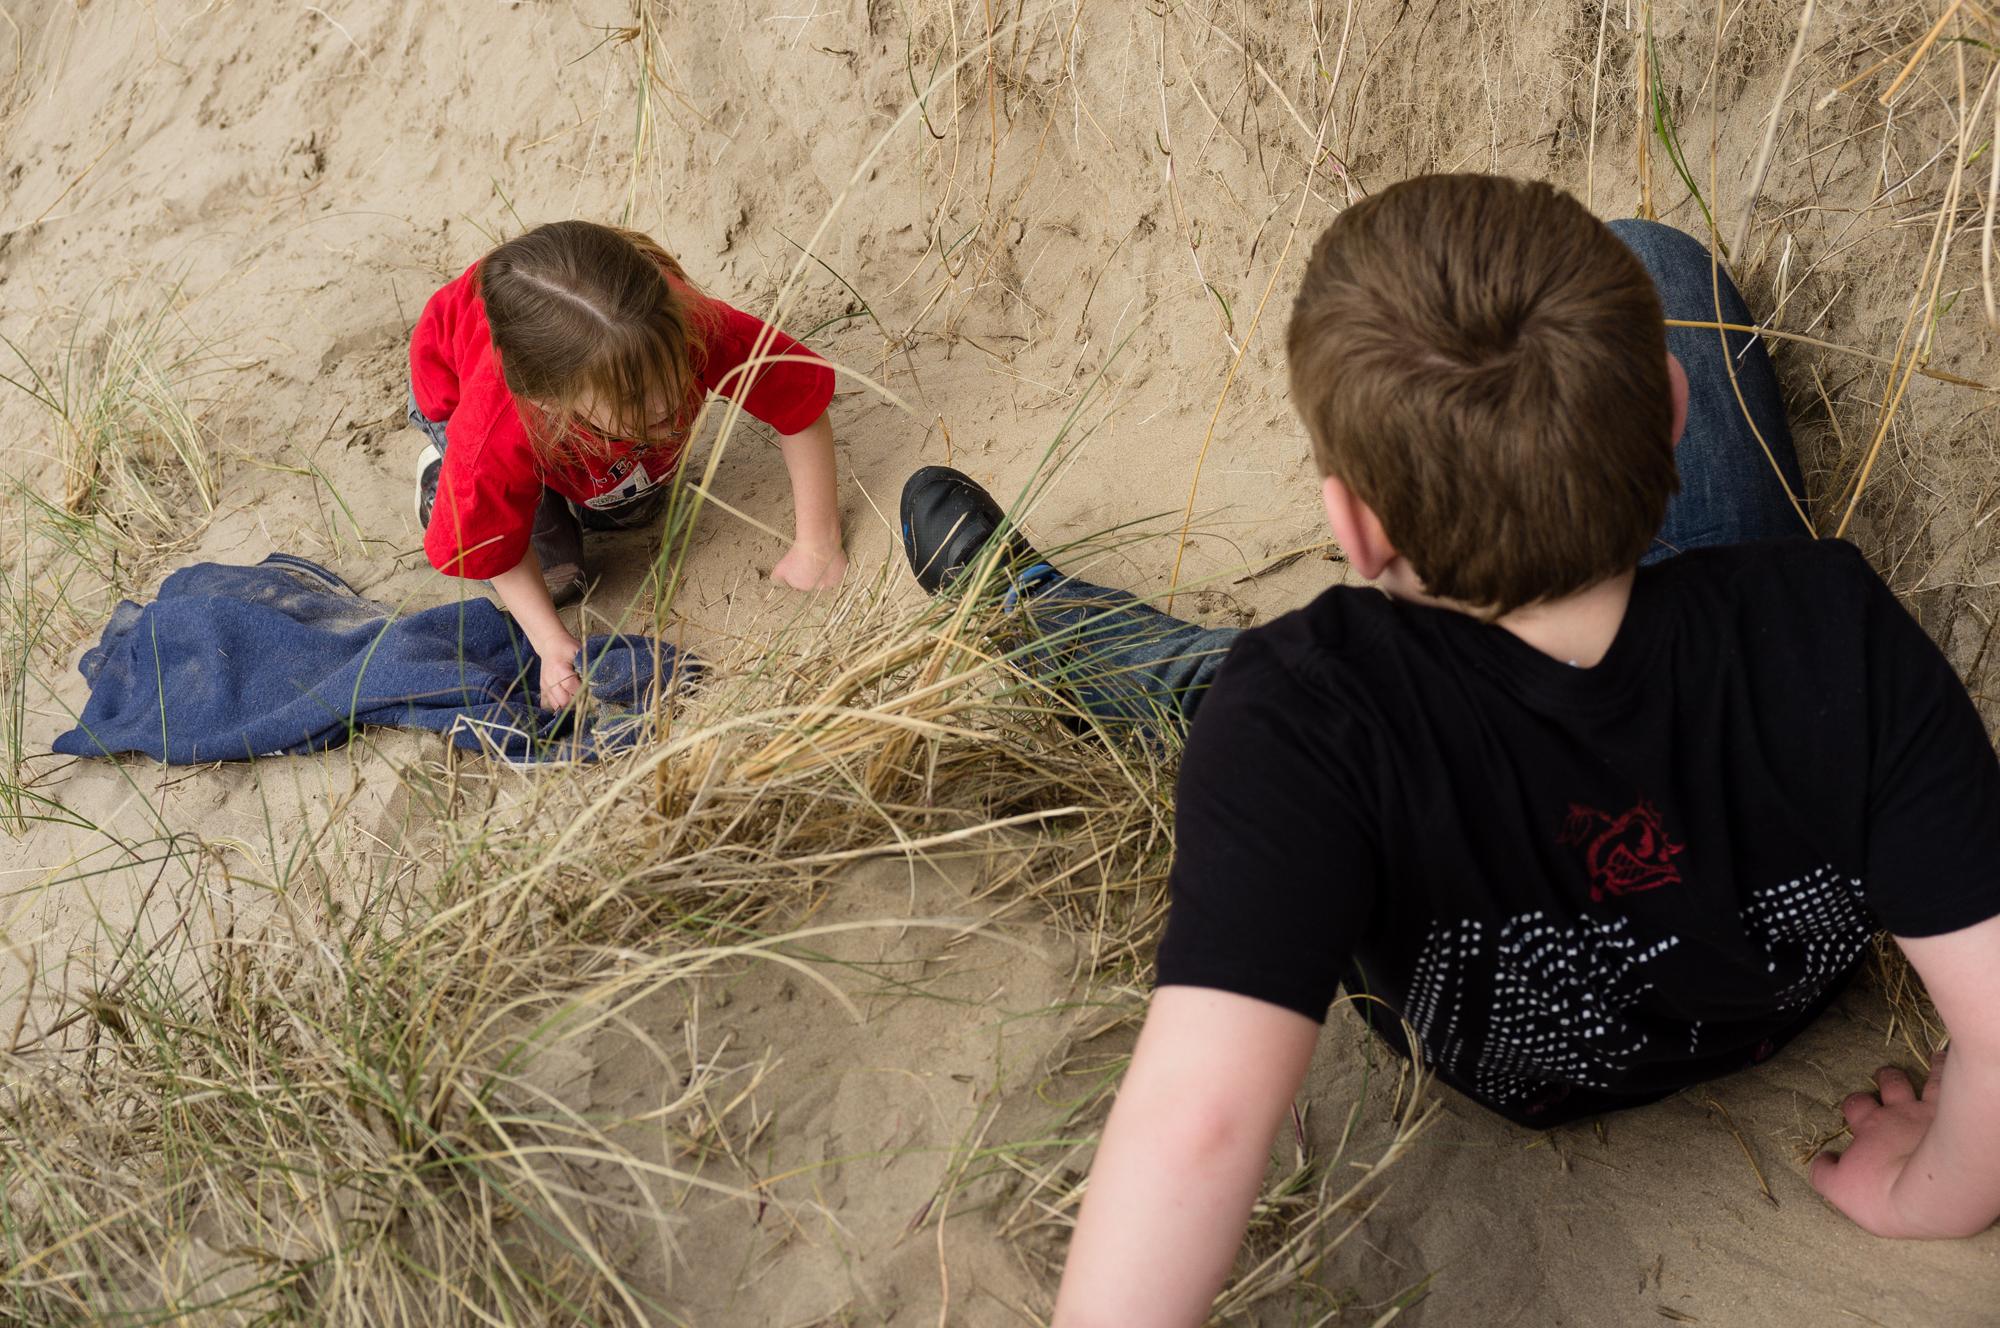 230416_Wales_McCanns_1890042_WebWM.jpg